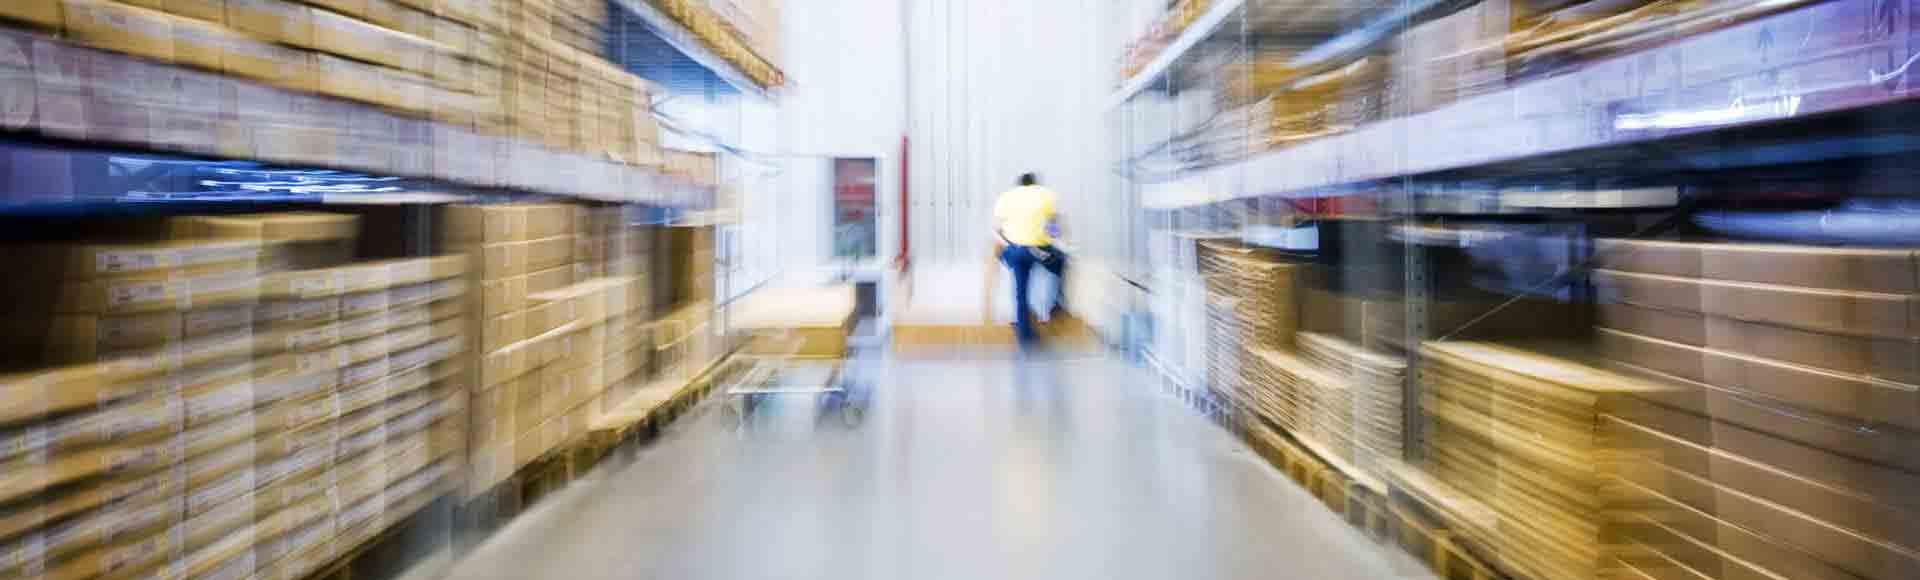 Aralco for Warehousing